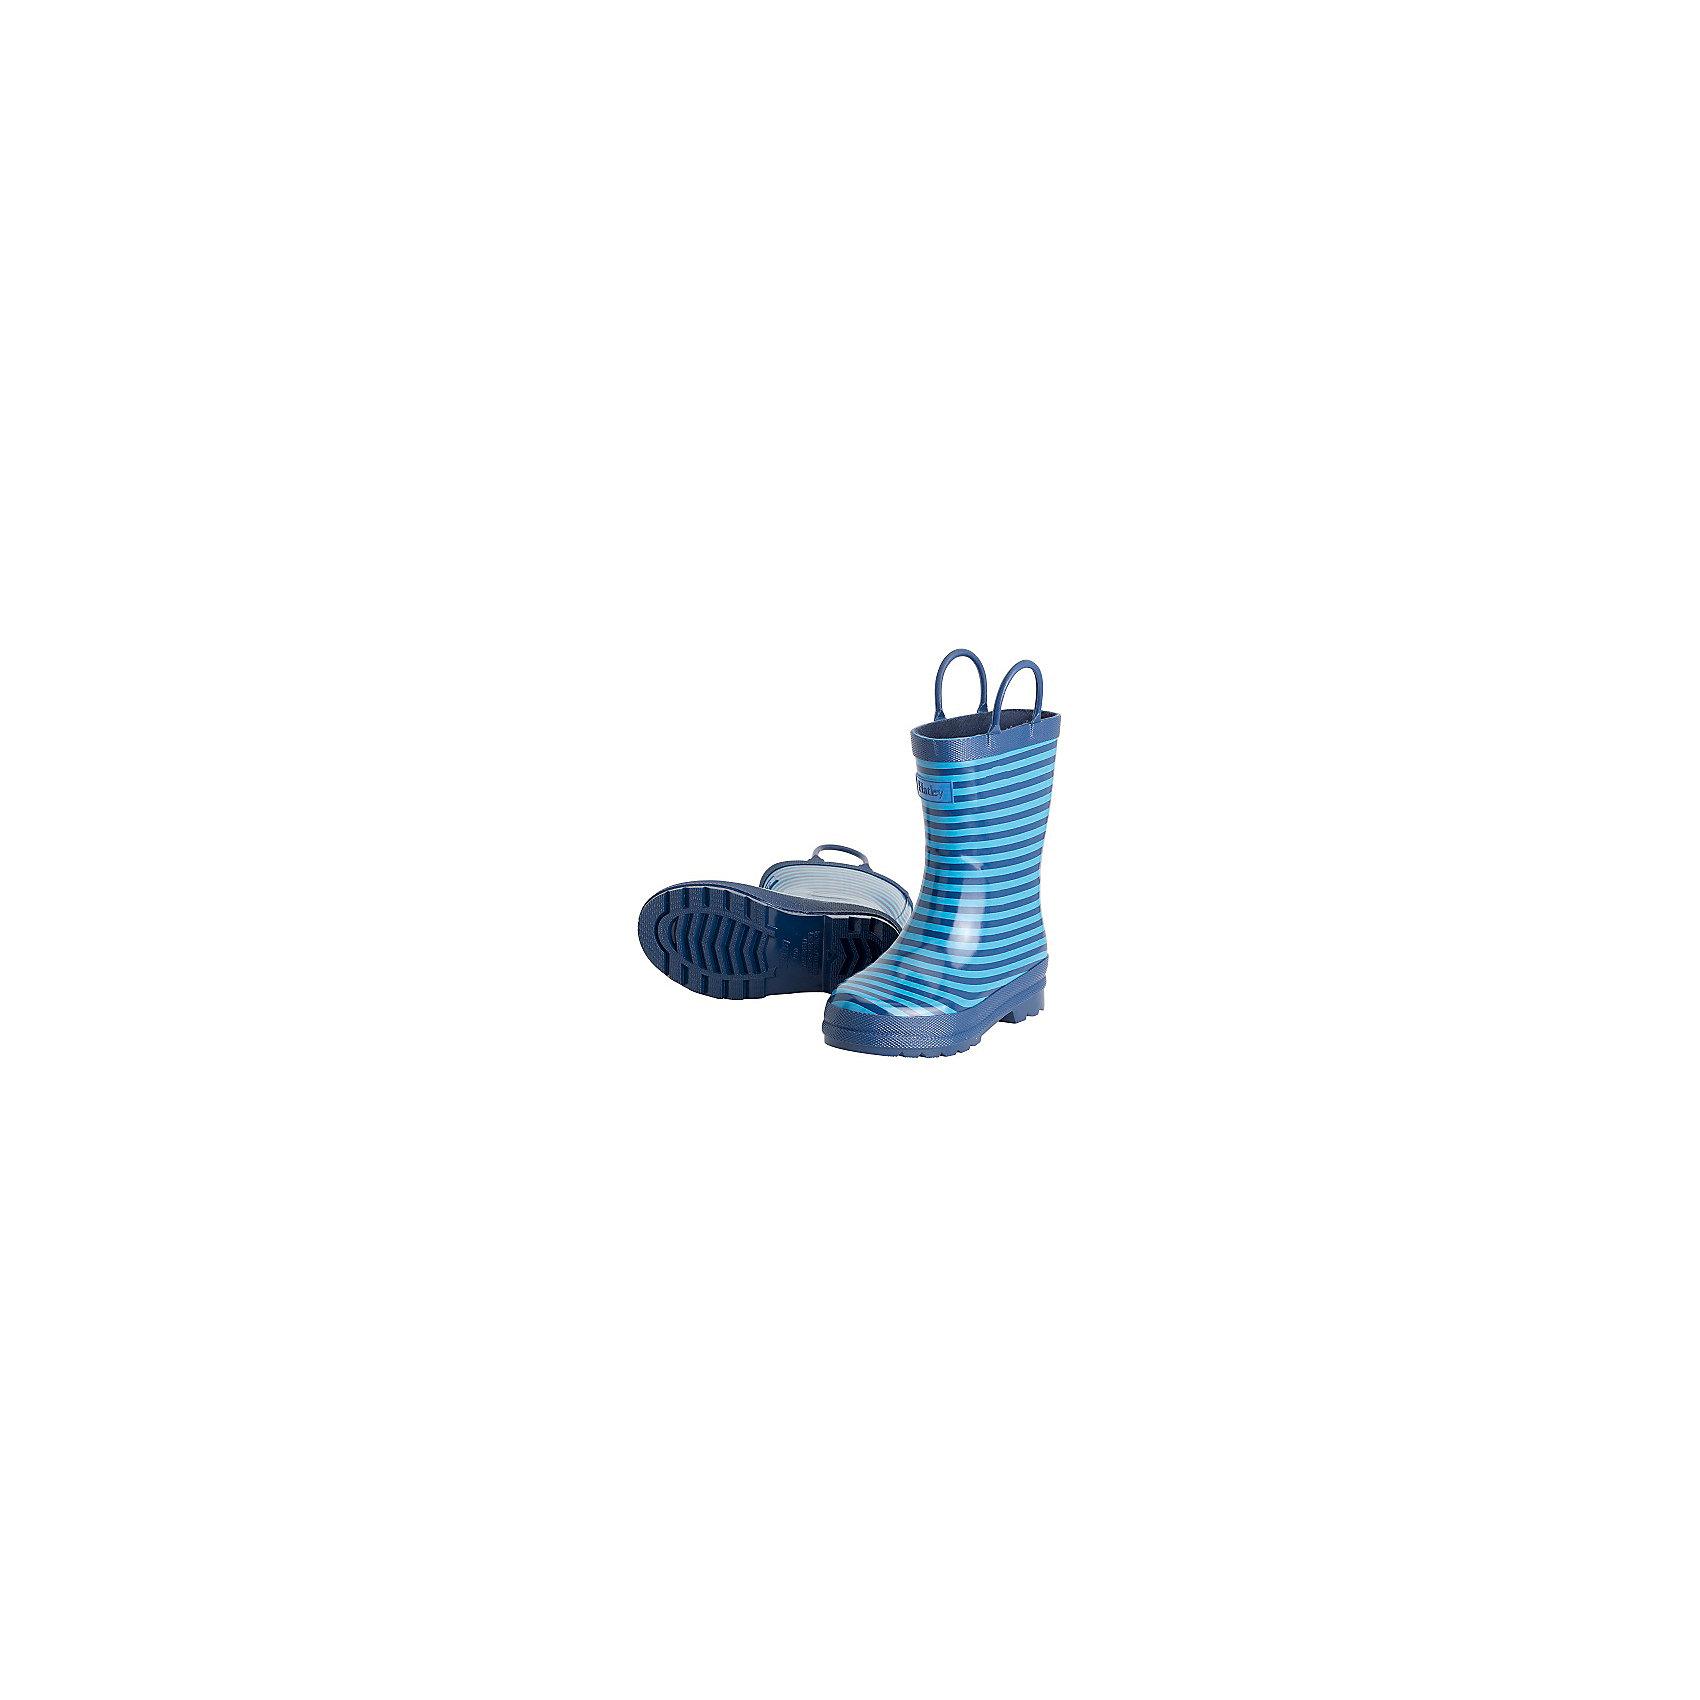 Резиновые сапоги для мальчика HatleyРезиновые сапоги<br>Резиновые сапоги для мальчика Hatley<br><br>Характеристики:<br><br>• Состав: верх - каучук синтетический 100%, подкладка - 100% хлопок<br>• Цвет: голубой<br><br>Яркие, стильные и модные резиновые сапоги для мальчика сделаны из высококачественных материалов. Резина сока каучуковых деревьев не даст ножкам промокнуть, а хлопковая подкладка защитит от холода. Внутри есть стелька с аркой, которая способствует правильному формированию стопы. По бокам есть удобные ручки. <br><br>Резиновые сапоги для мальчика Hatley можно купить в нашем интернет-магазине.<br><br>Ширина мм: 237<br>Глубина мм: 180<br>Высота мм: 152<br>Вес г: 438<br>Цвет: синий<br>Возраст от месяцев: 15<br>Возраст до месяцев: 18<br>Пол: Мужской<br>Возраст: Детский<br>Размер: 22,32,30,23,24,34,35<br>SKU: 5020888